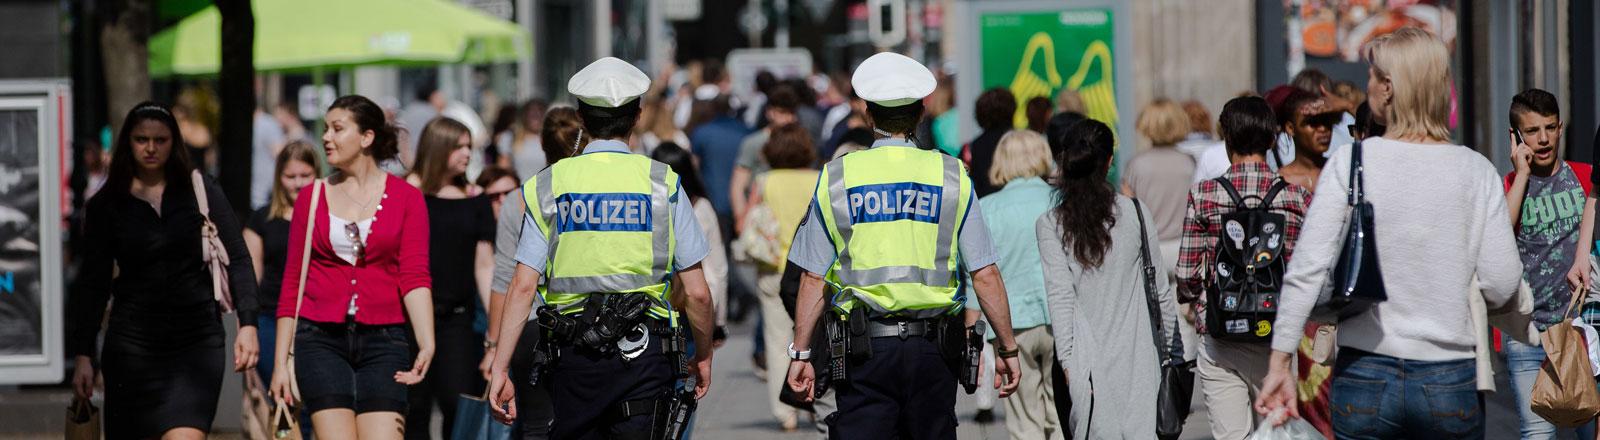 Passanten und Polizisten in der Düsseldorfer Altstadt